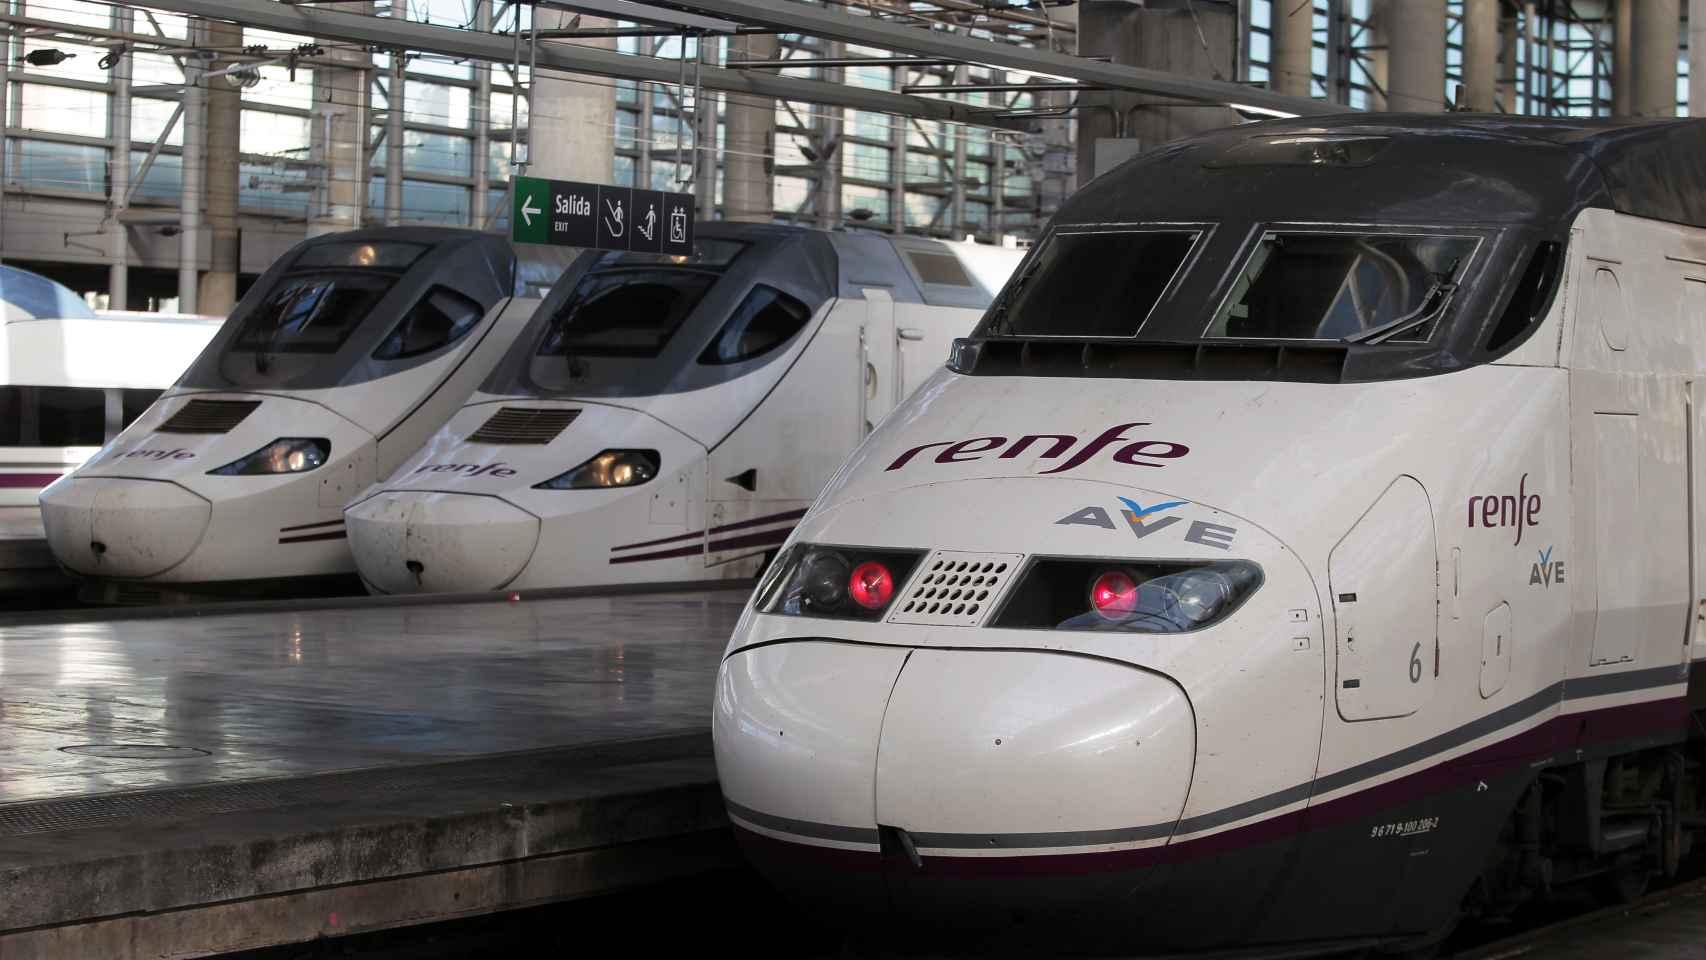 Varios trenes de alta velocidad en la estación de trenes de Atocha.